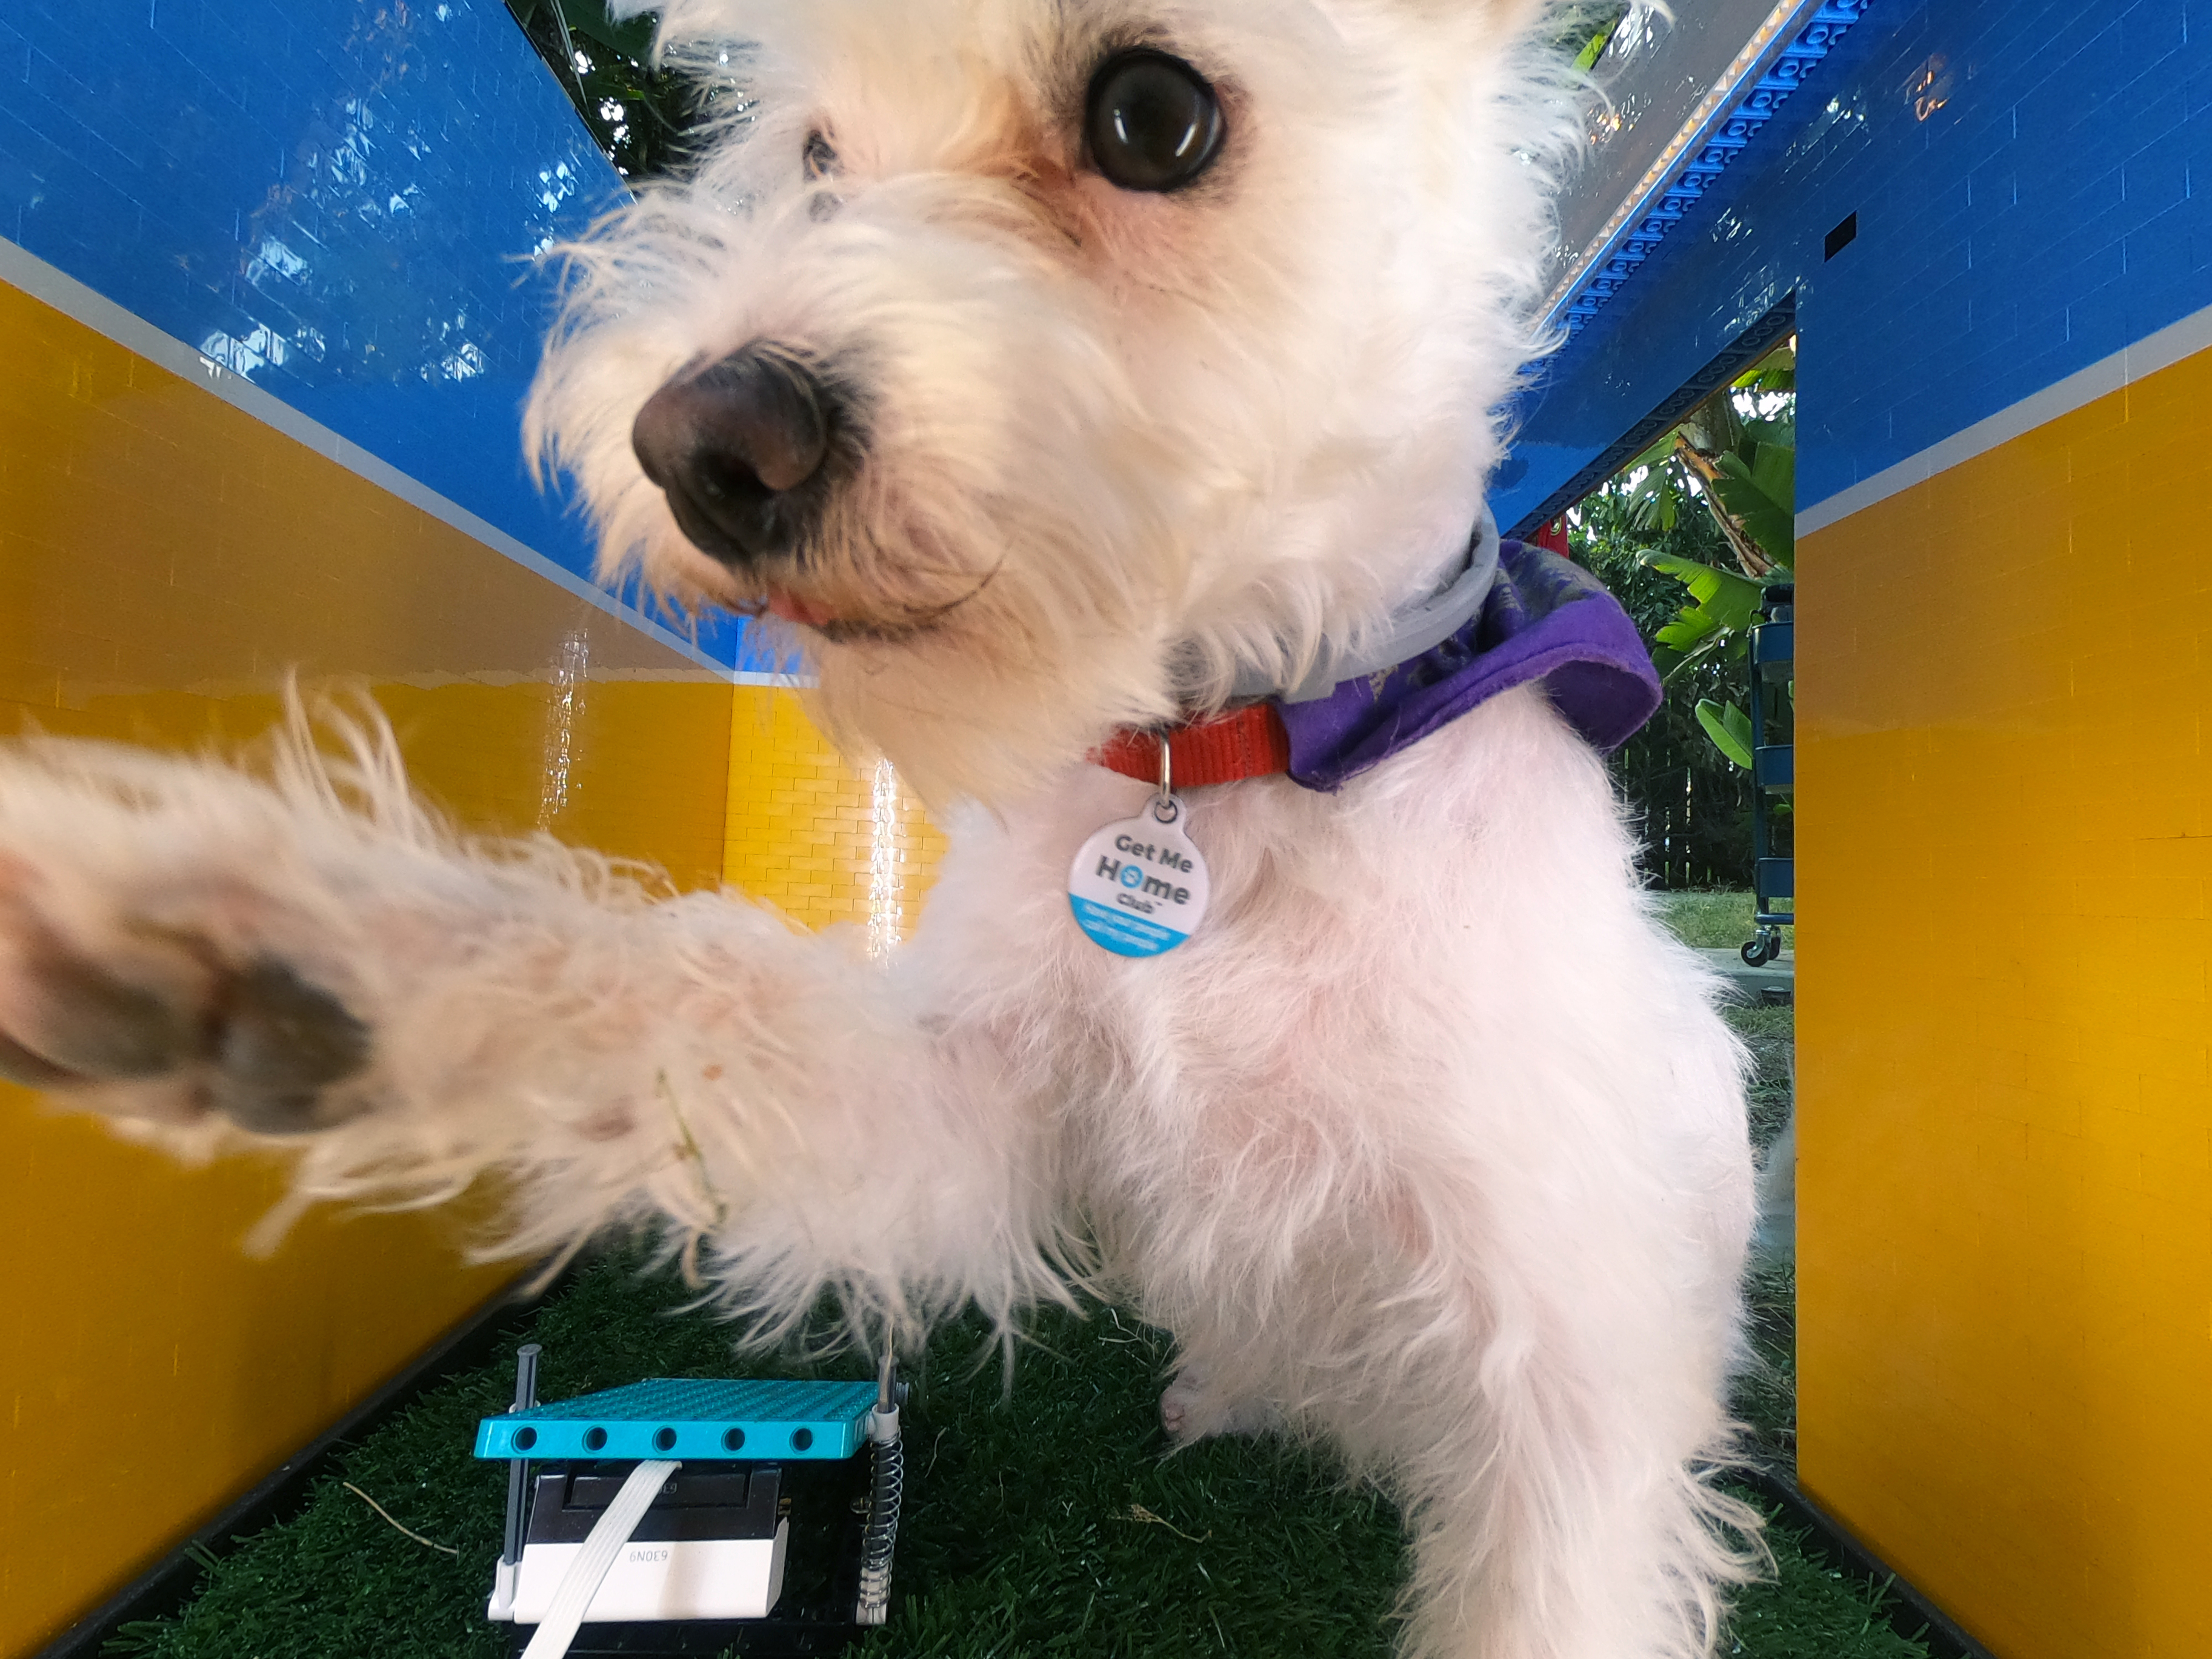 Из Lego сделали фотобудку для собаки